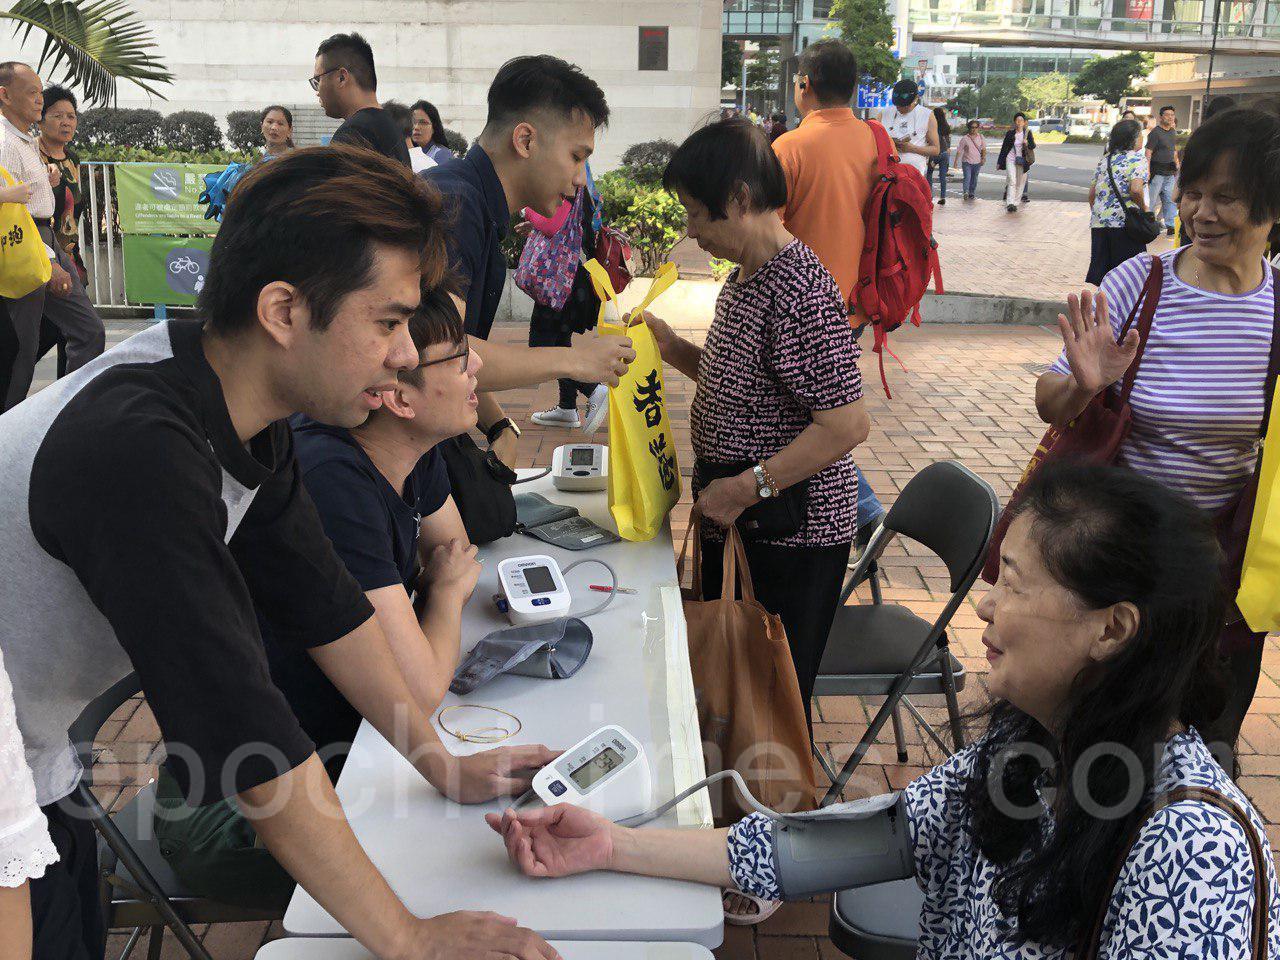 11月3日,在荃灣發起向關懷長者的活動。圖為為長者量血壓。(余天佑/大紀元)